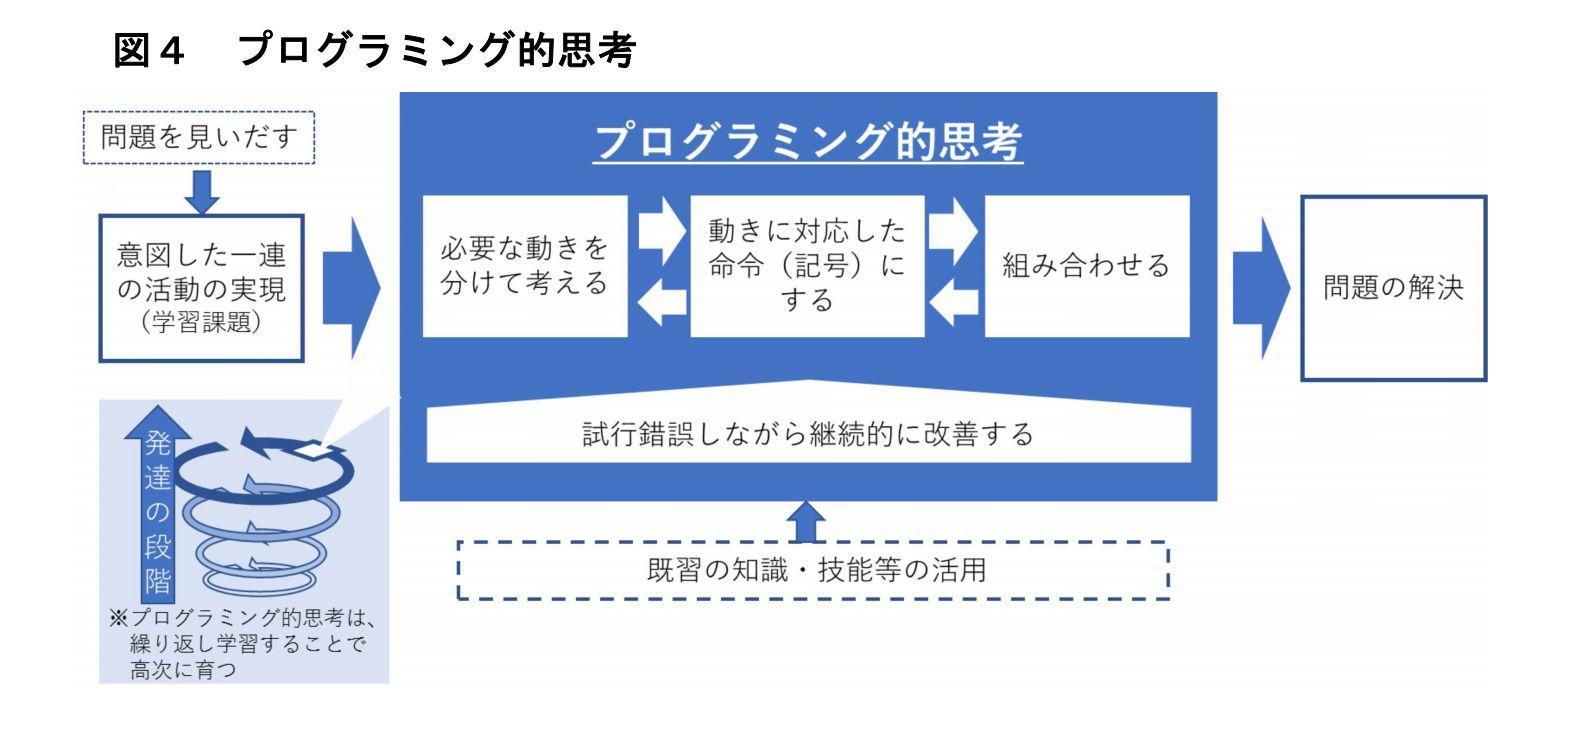 mextpgm-004.jpg